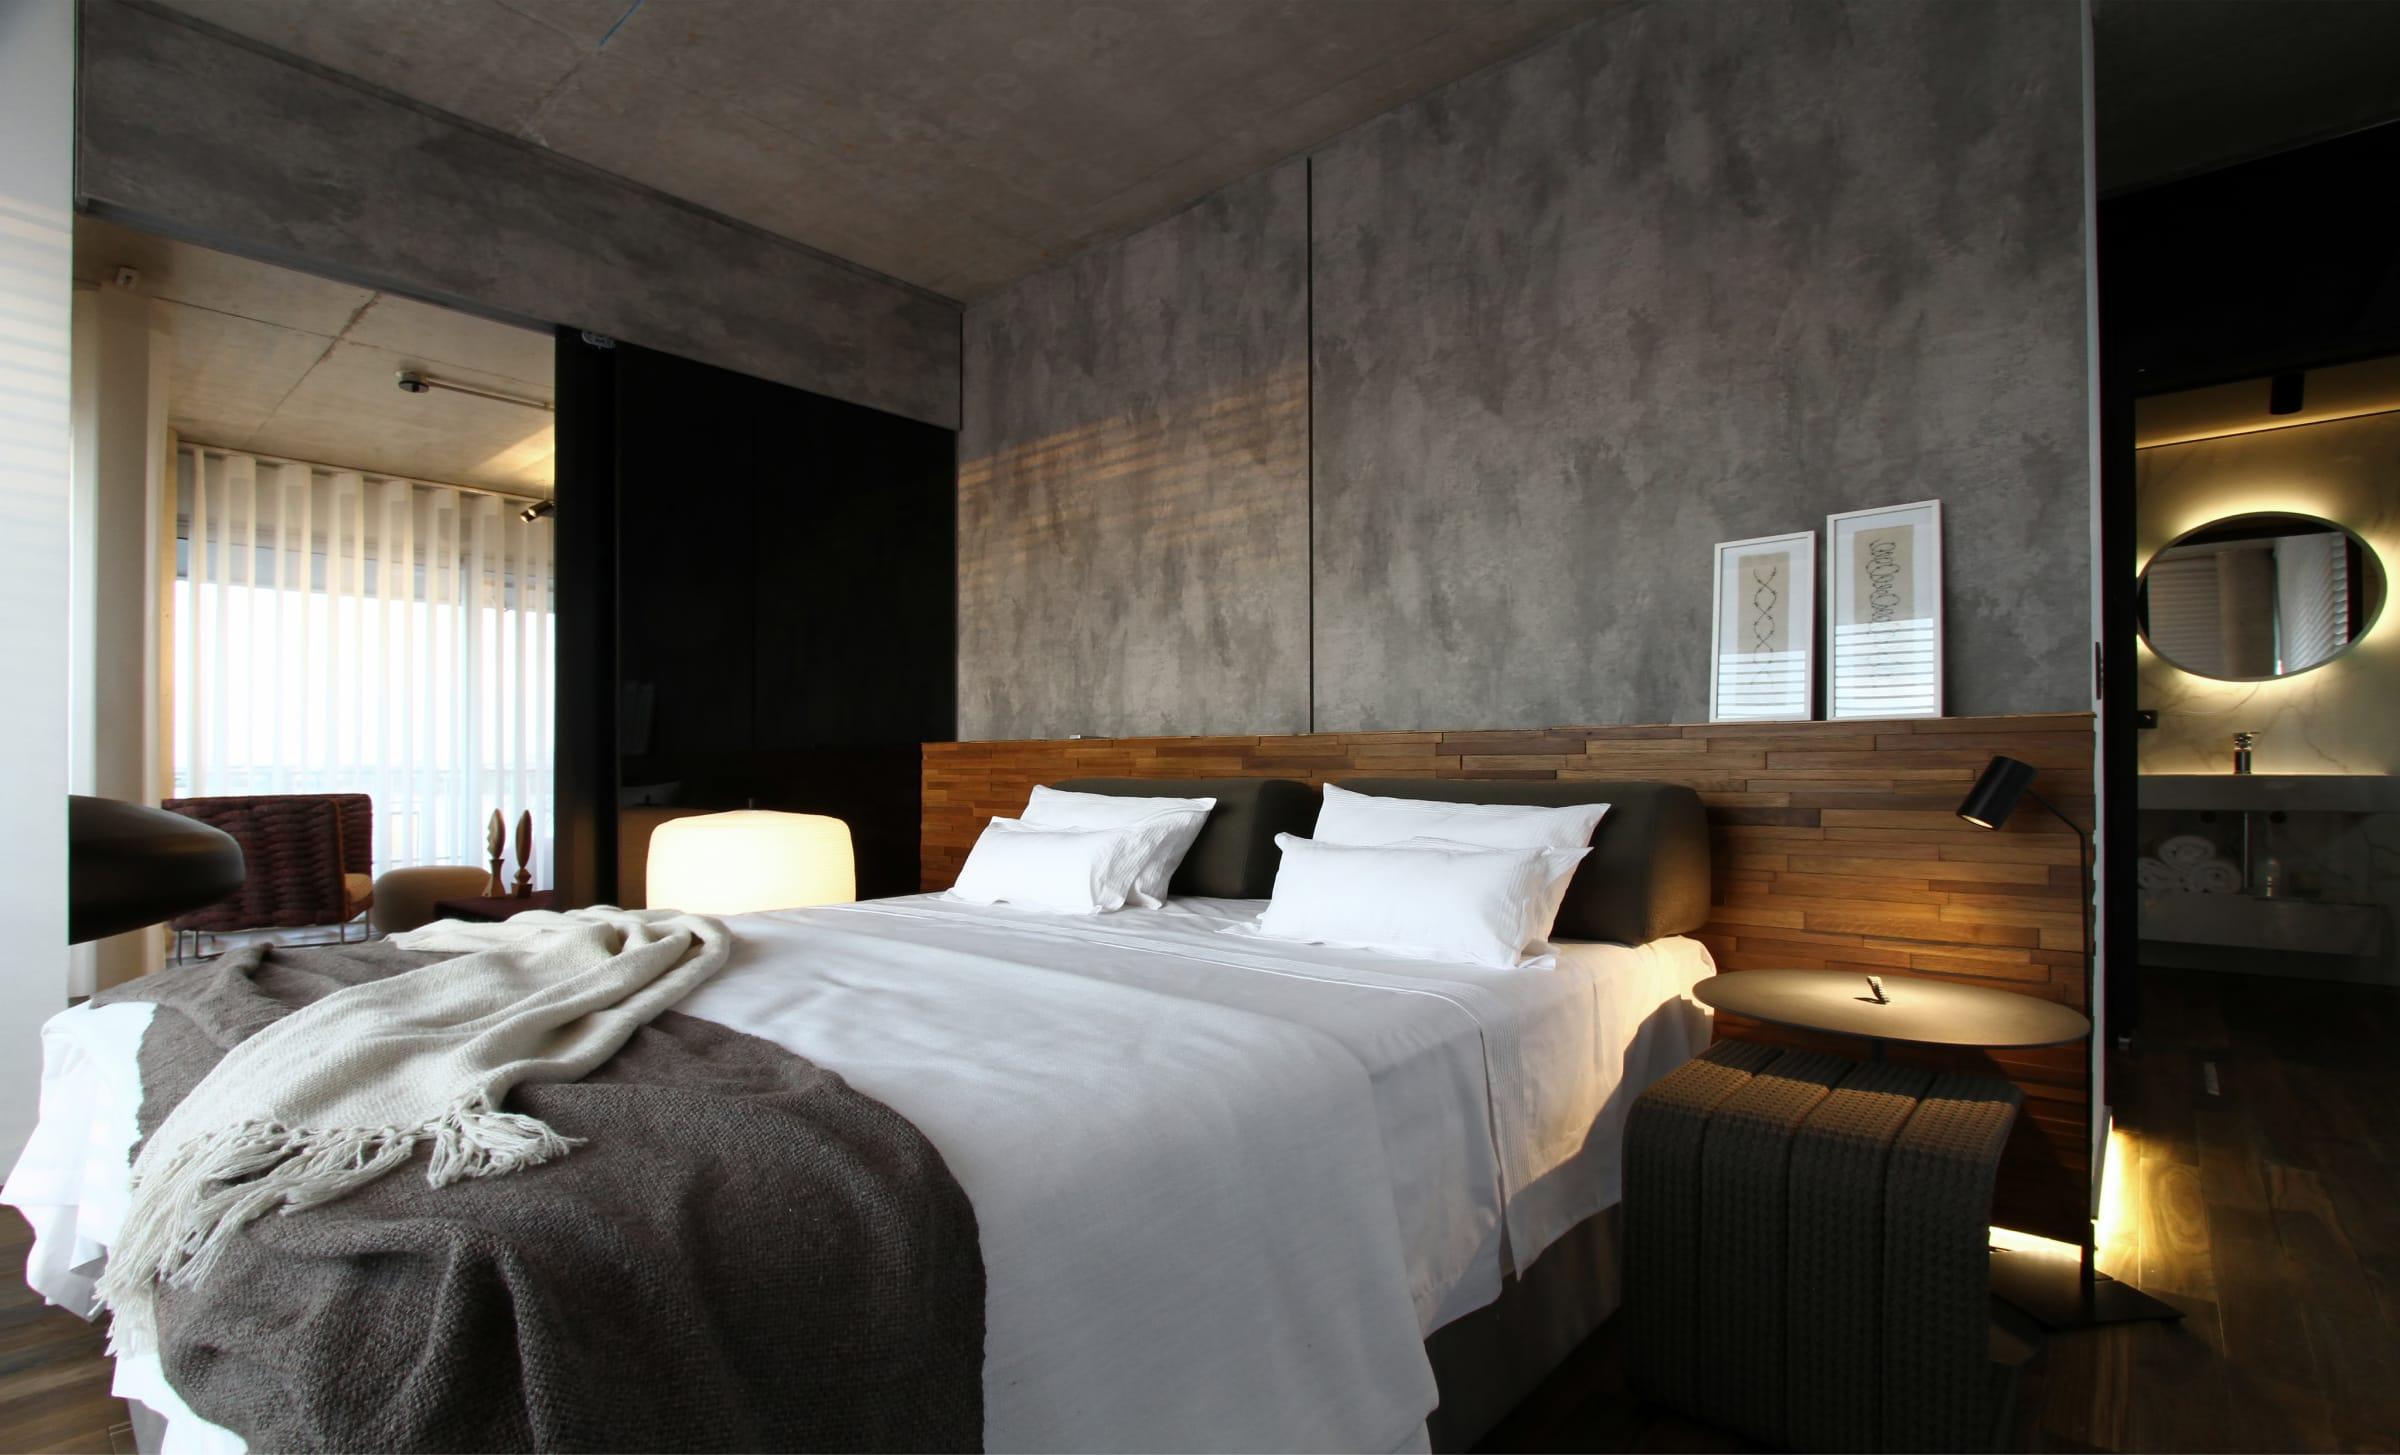 El respaldo de la cama está resuelto con revestimiento Panel 3D Roble (Patagonia Flooring). El piso multiestrato de Palo Santo (Patagonia Flooring) integra el dormitorio y el antebaño, sutilmente iluminado con tiras led línea Lumiere (Atrim).